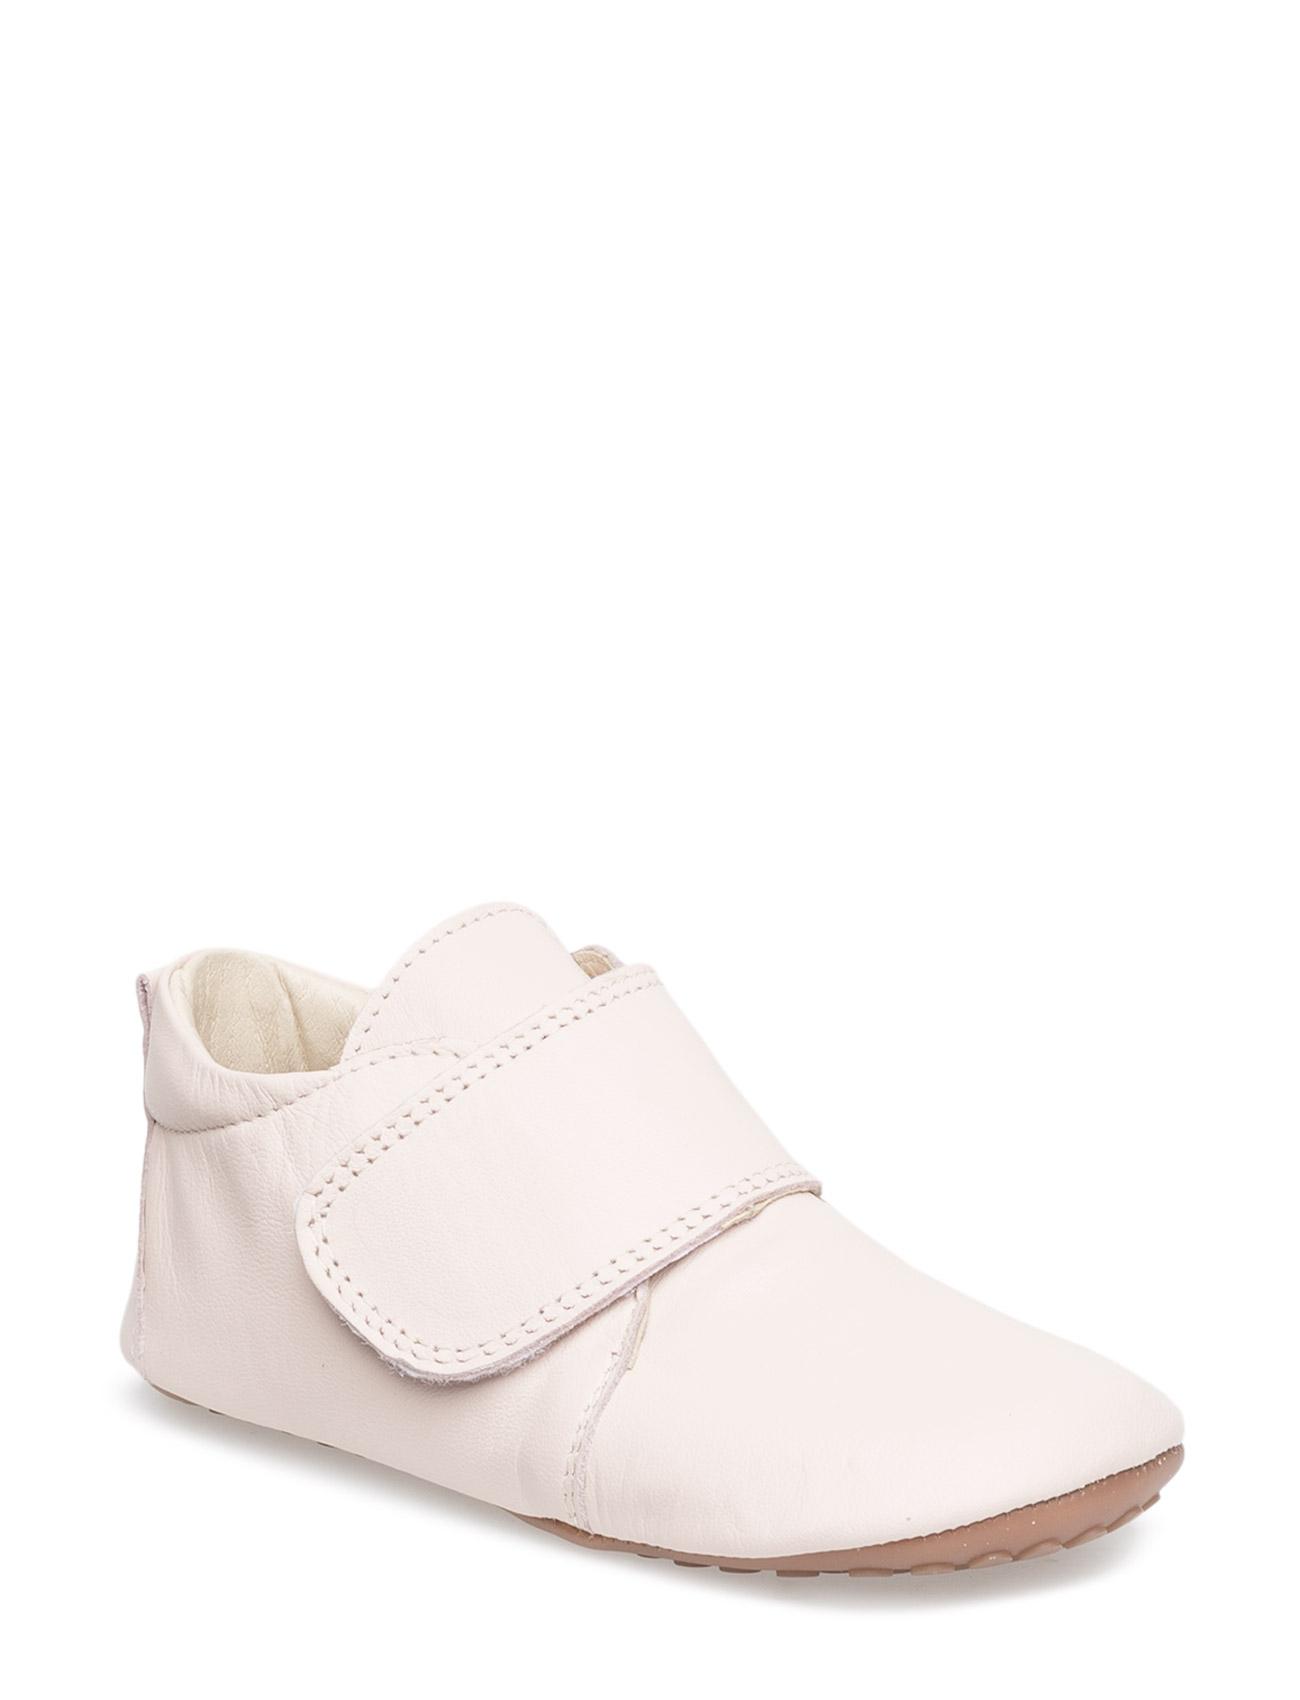 Indoor Shoe Pom pom Hjemmesko til Børn i